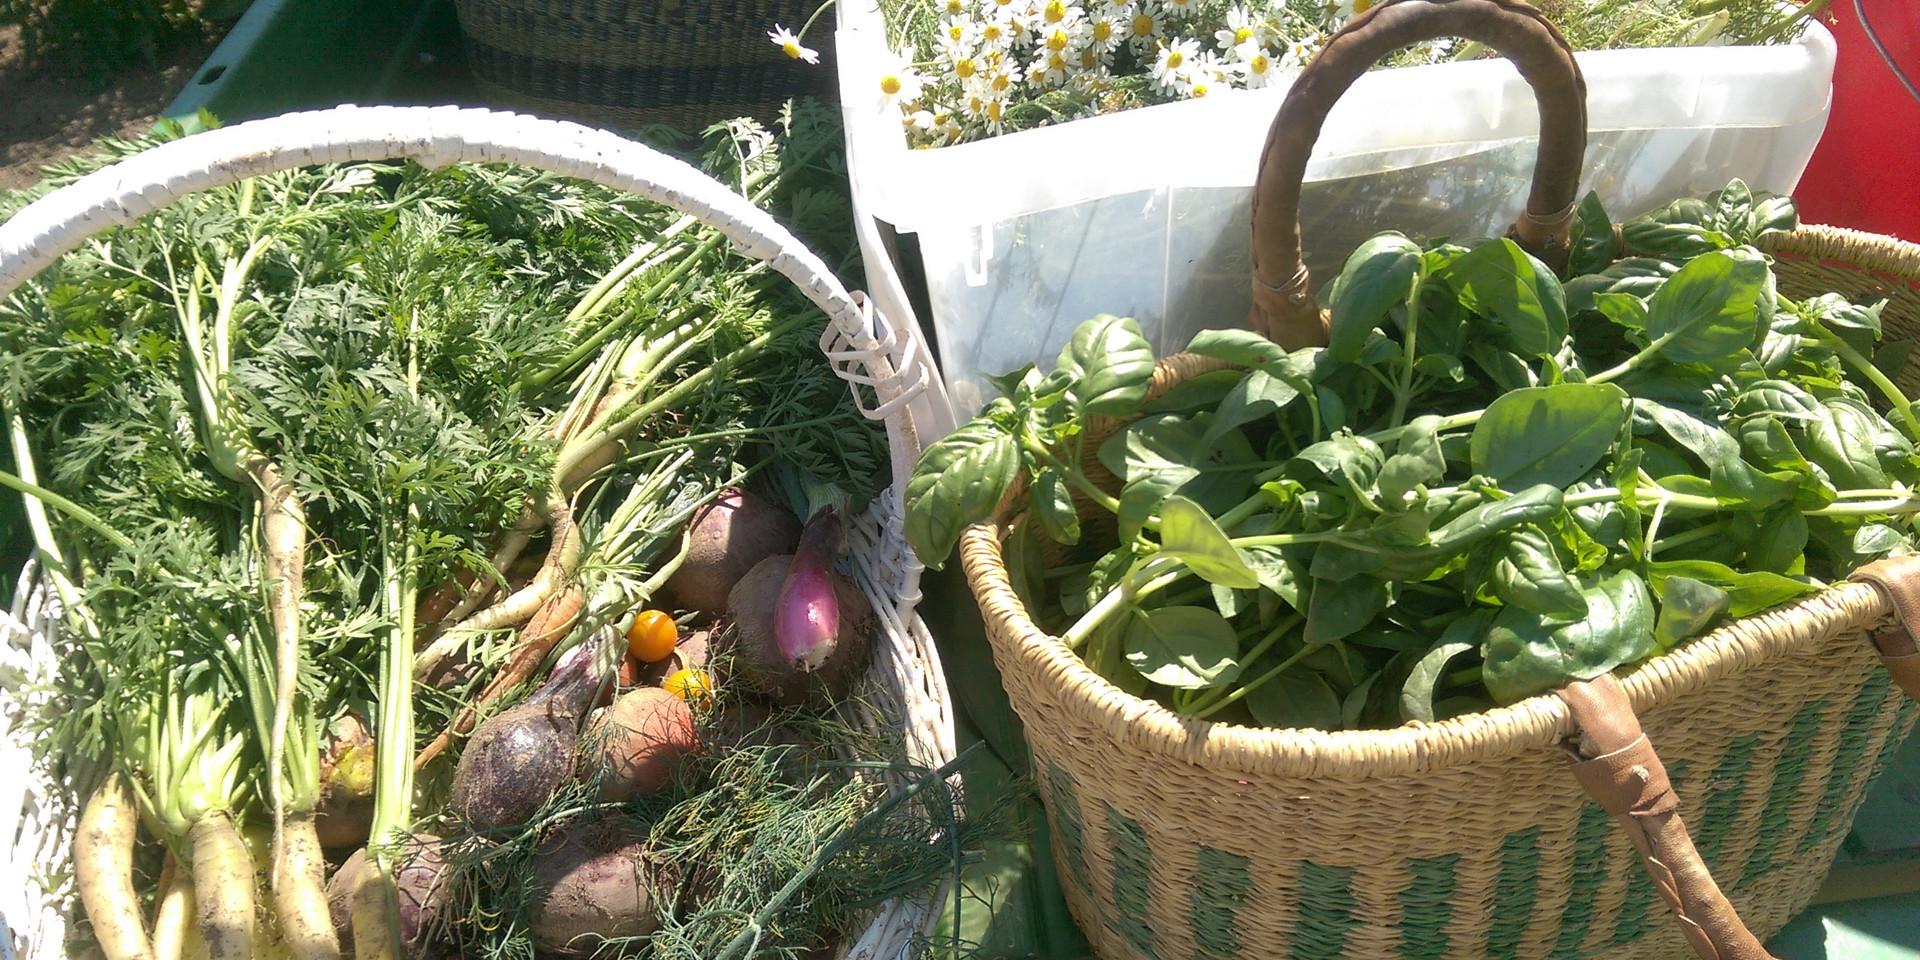 Garden Pickings